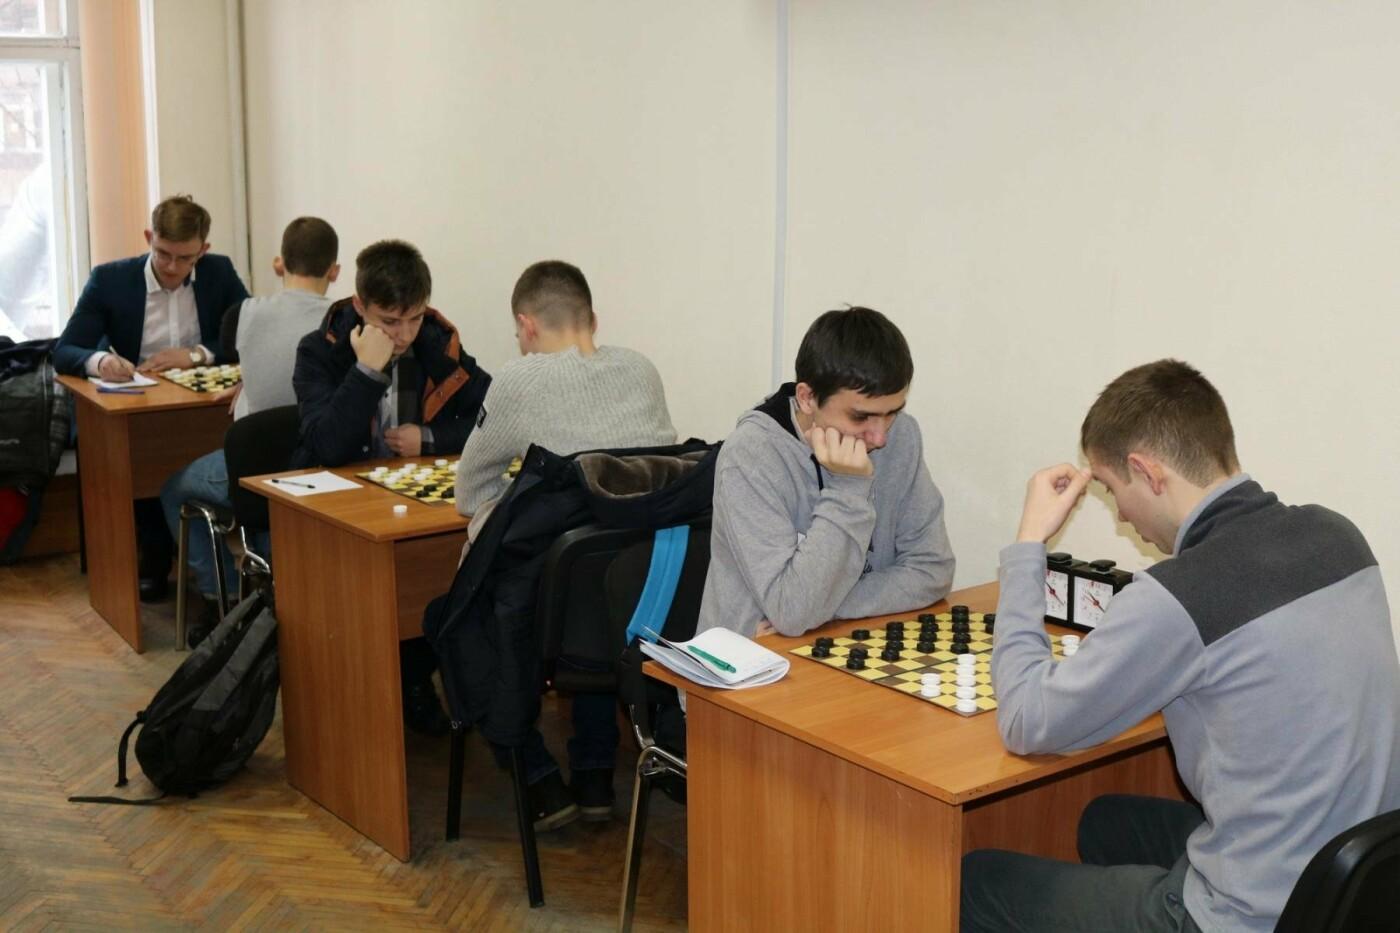 25 медалей: каменчане выступили на чемпионате области по шашкам, фото-1